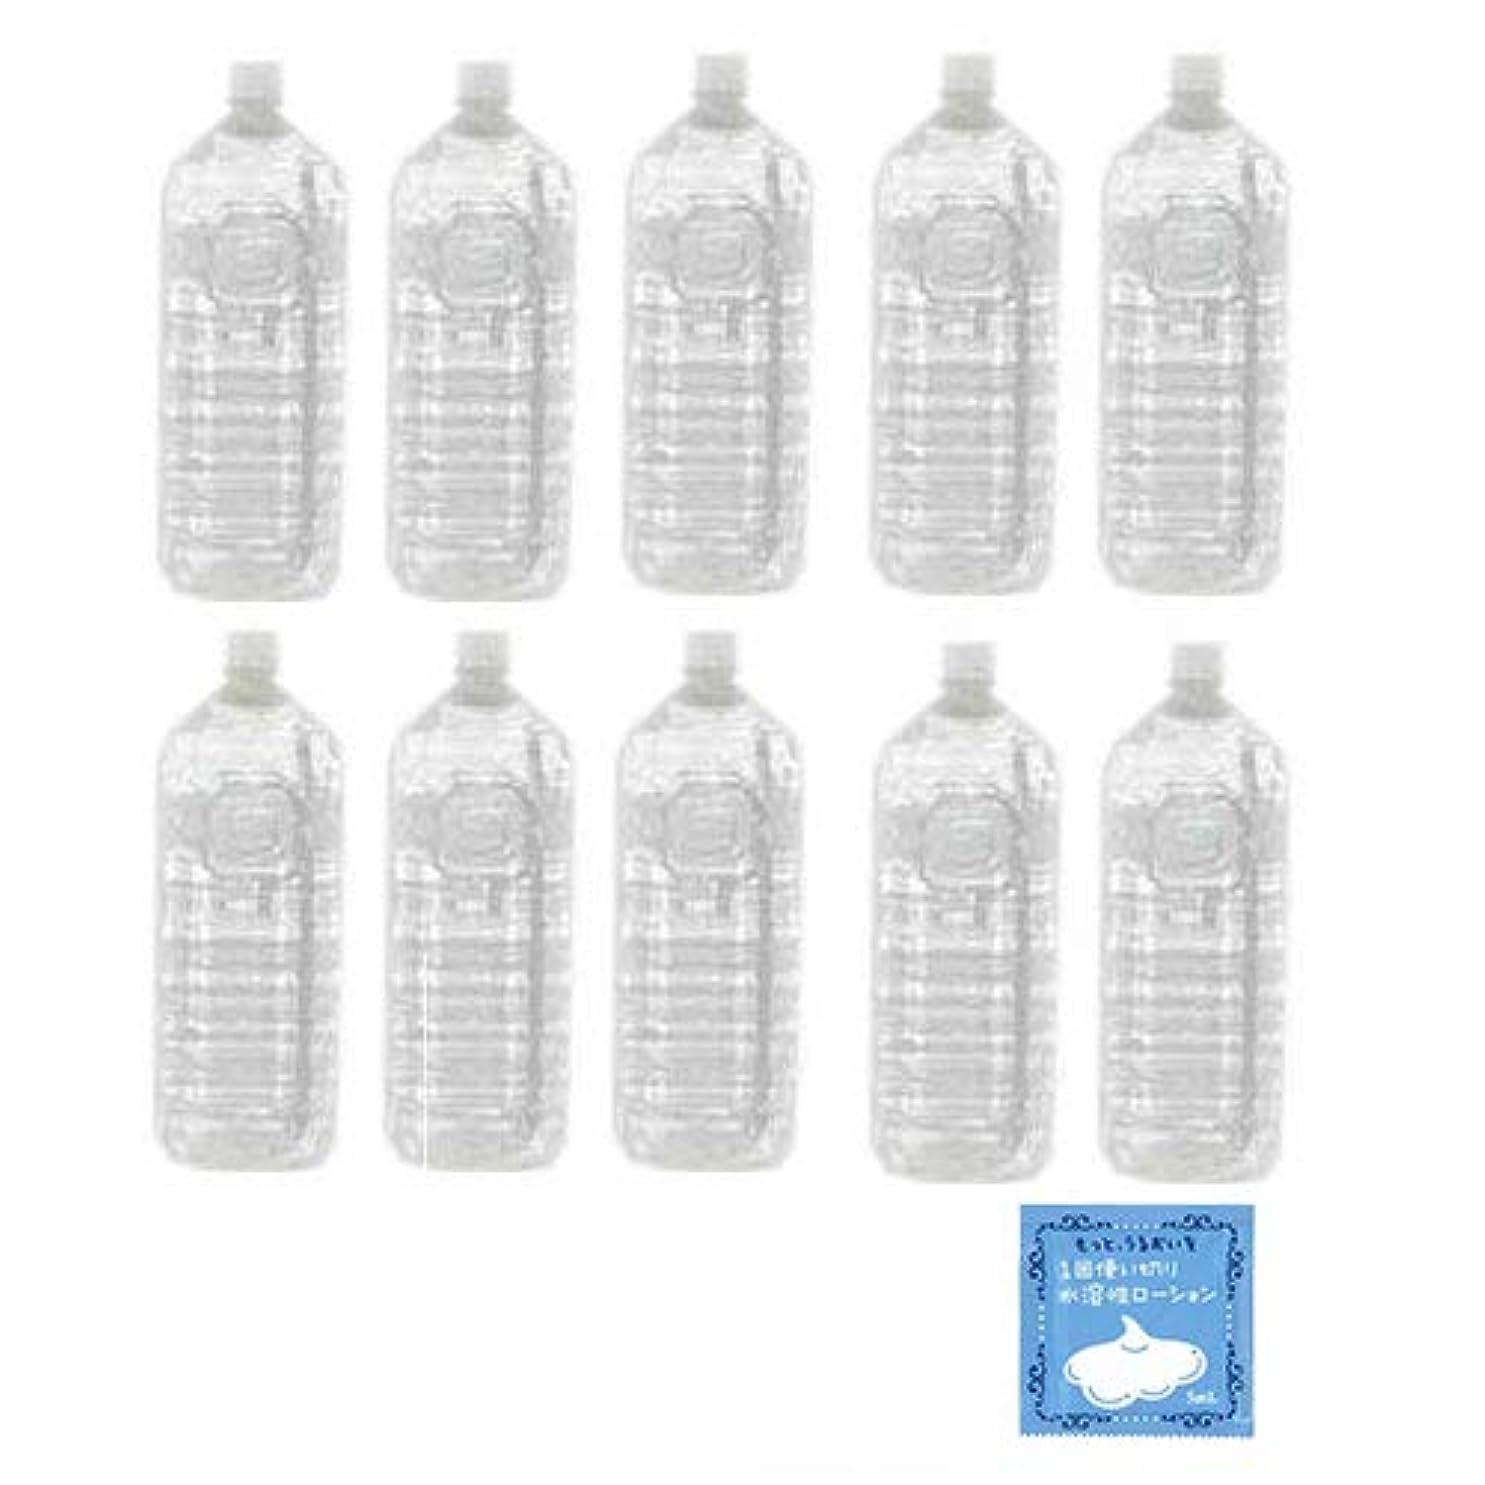 サージ血まみれアジャクリアローション 2Lペットボトル ソフトタイプ 業務用ローション× 10本セット+ 1回使い切り水溶性潤滑ローション